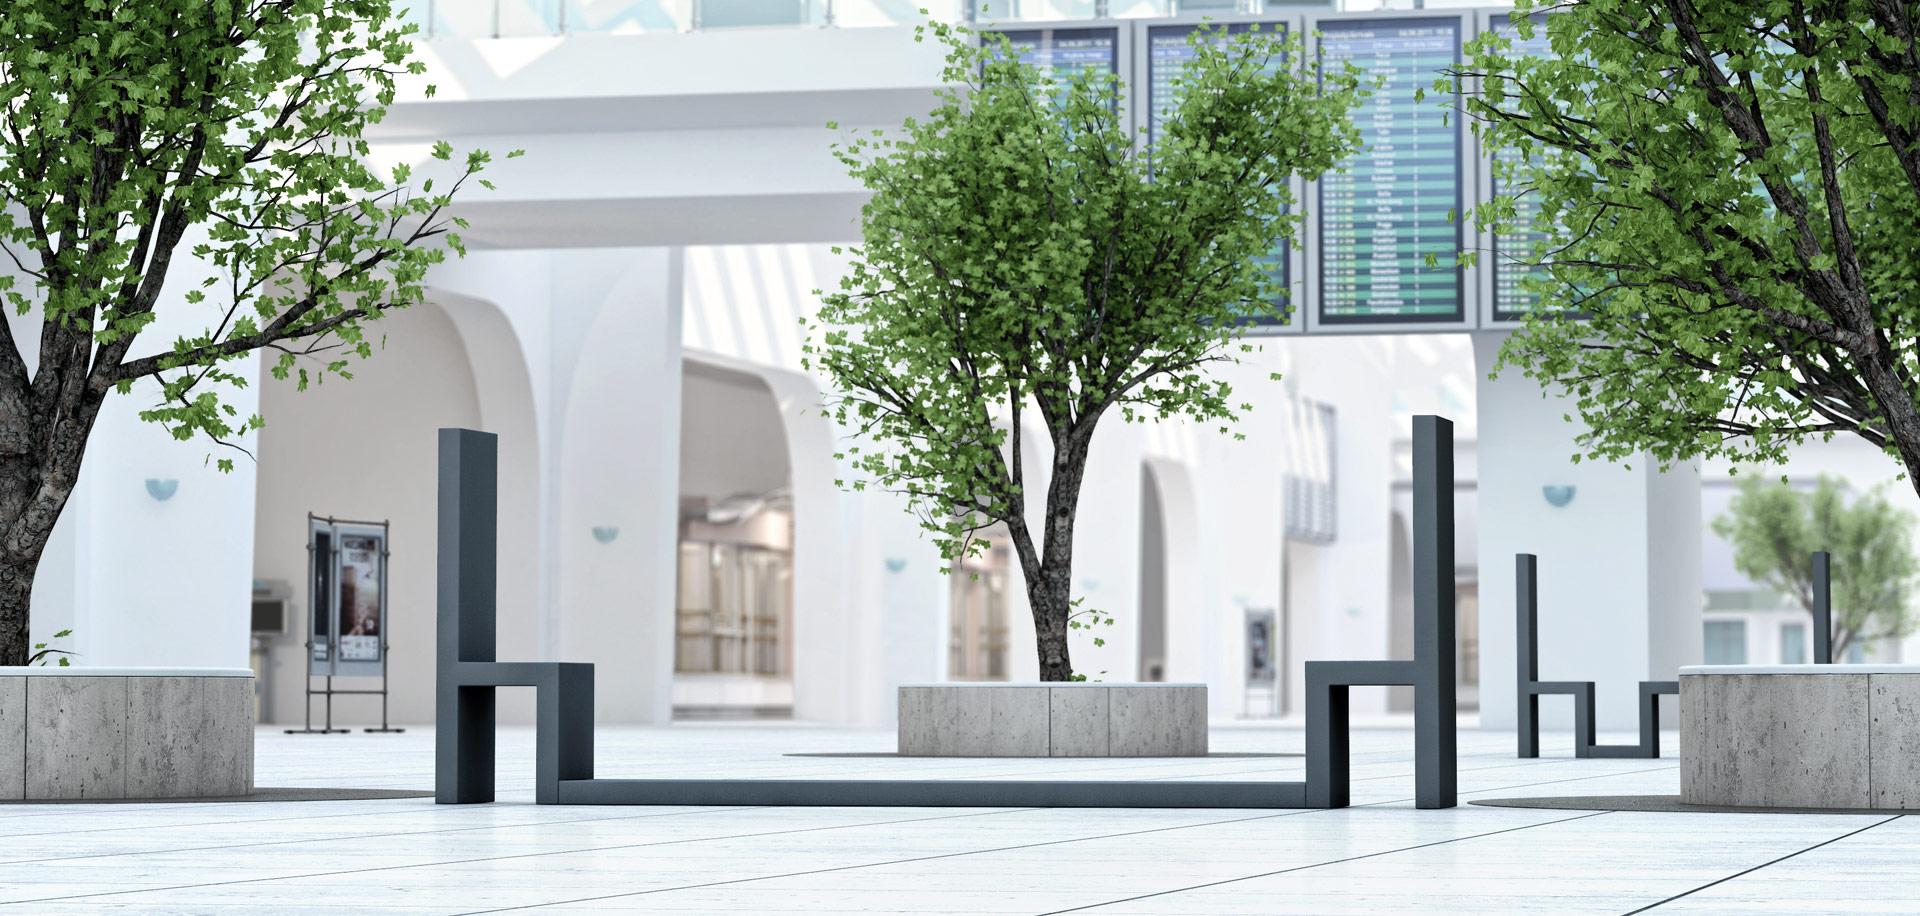 Meble miejskie Due - meble dla przestrzeni miejskich